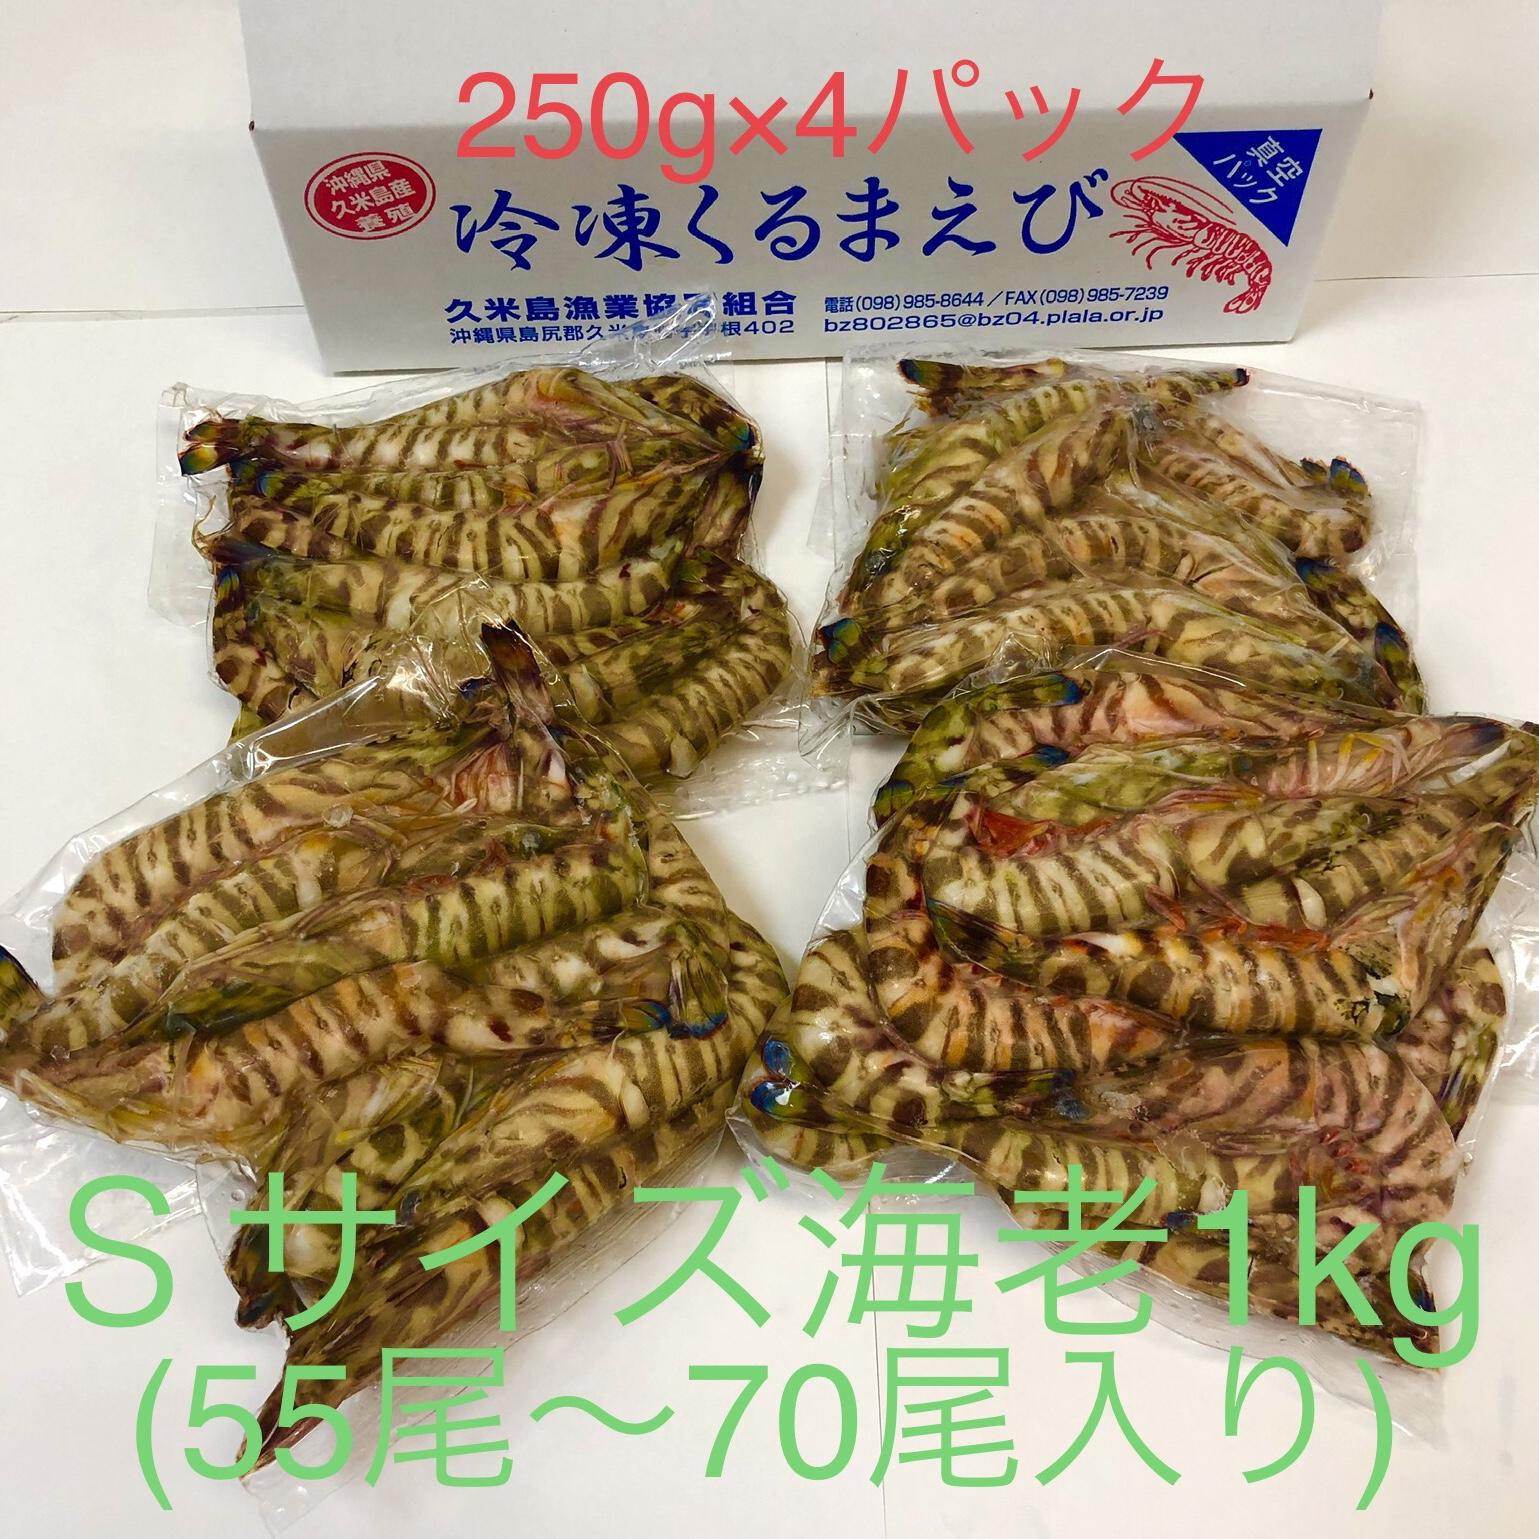 item_reitoukurumaebi_s